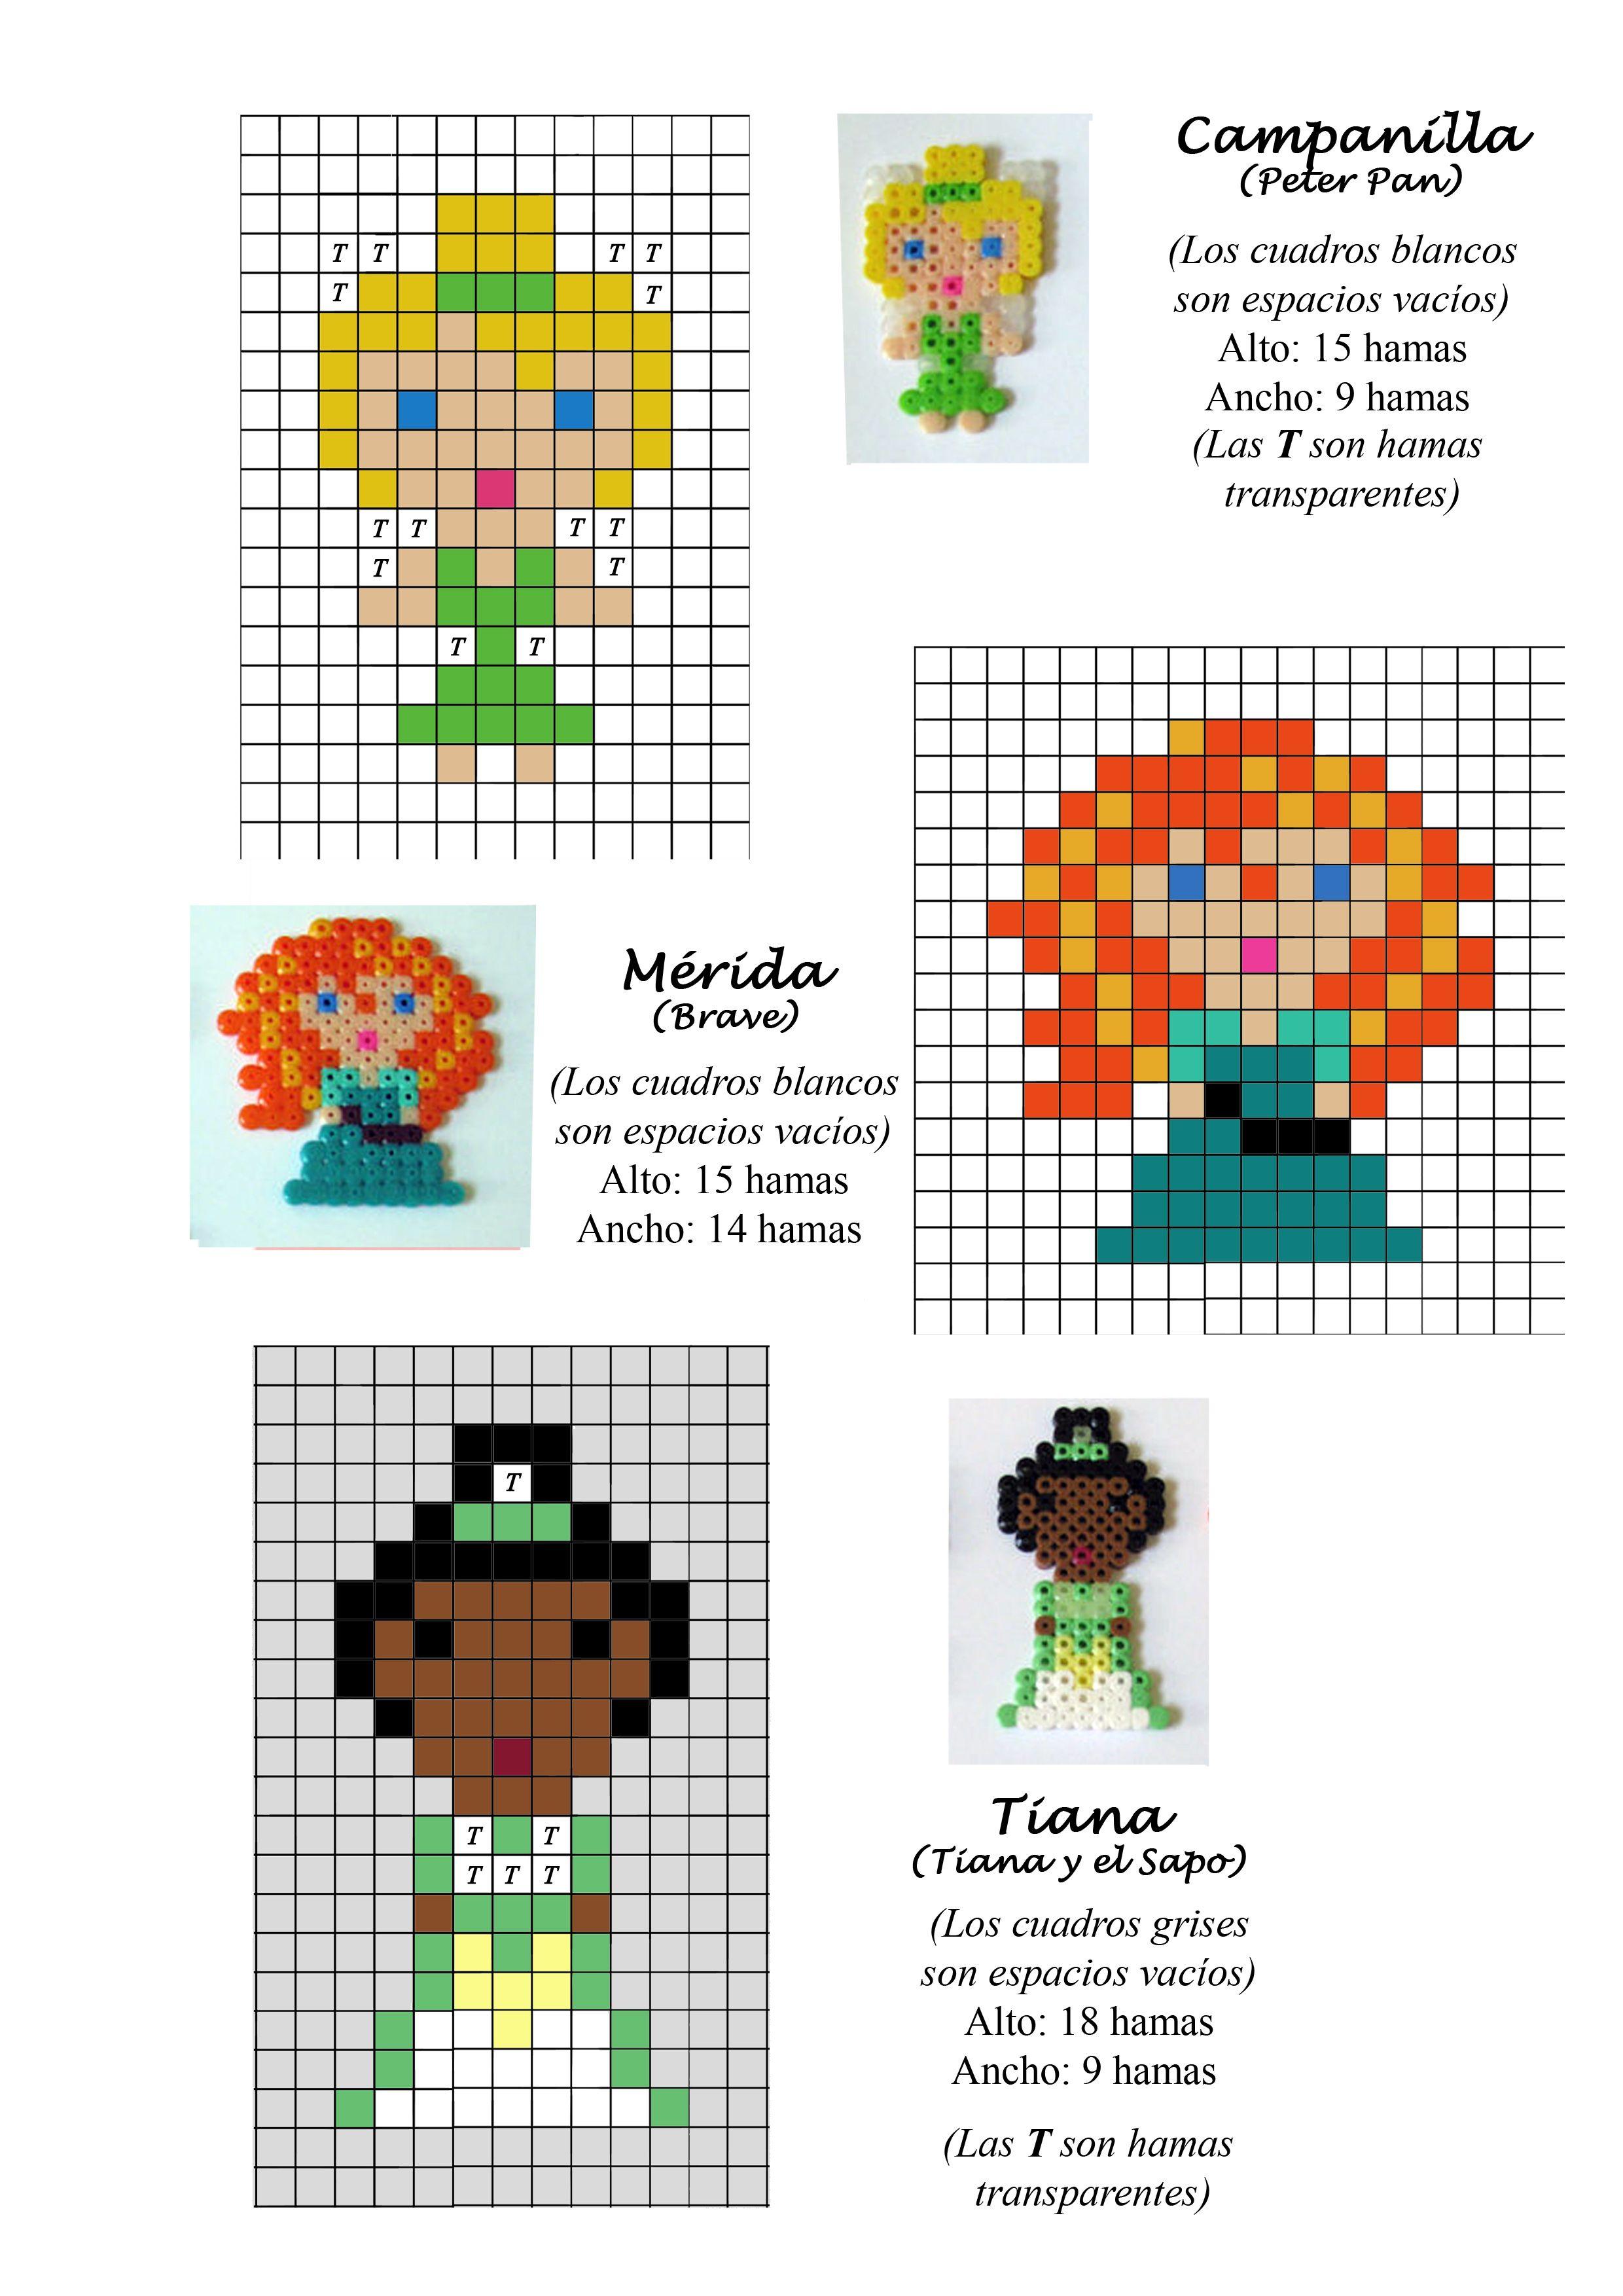 Princesas Disney, Merida, Campanilla, Tiana, hama beads pattern ...